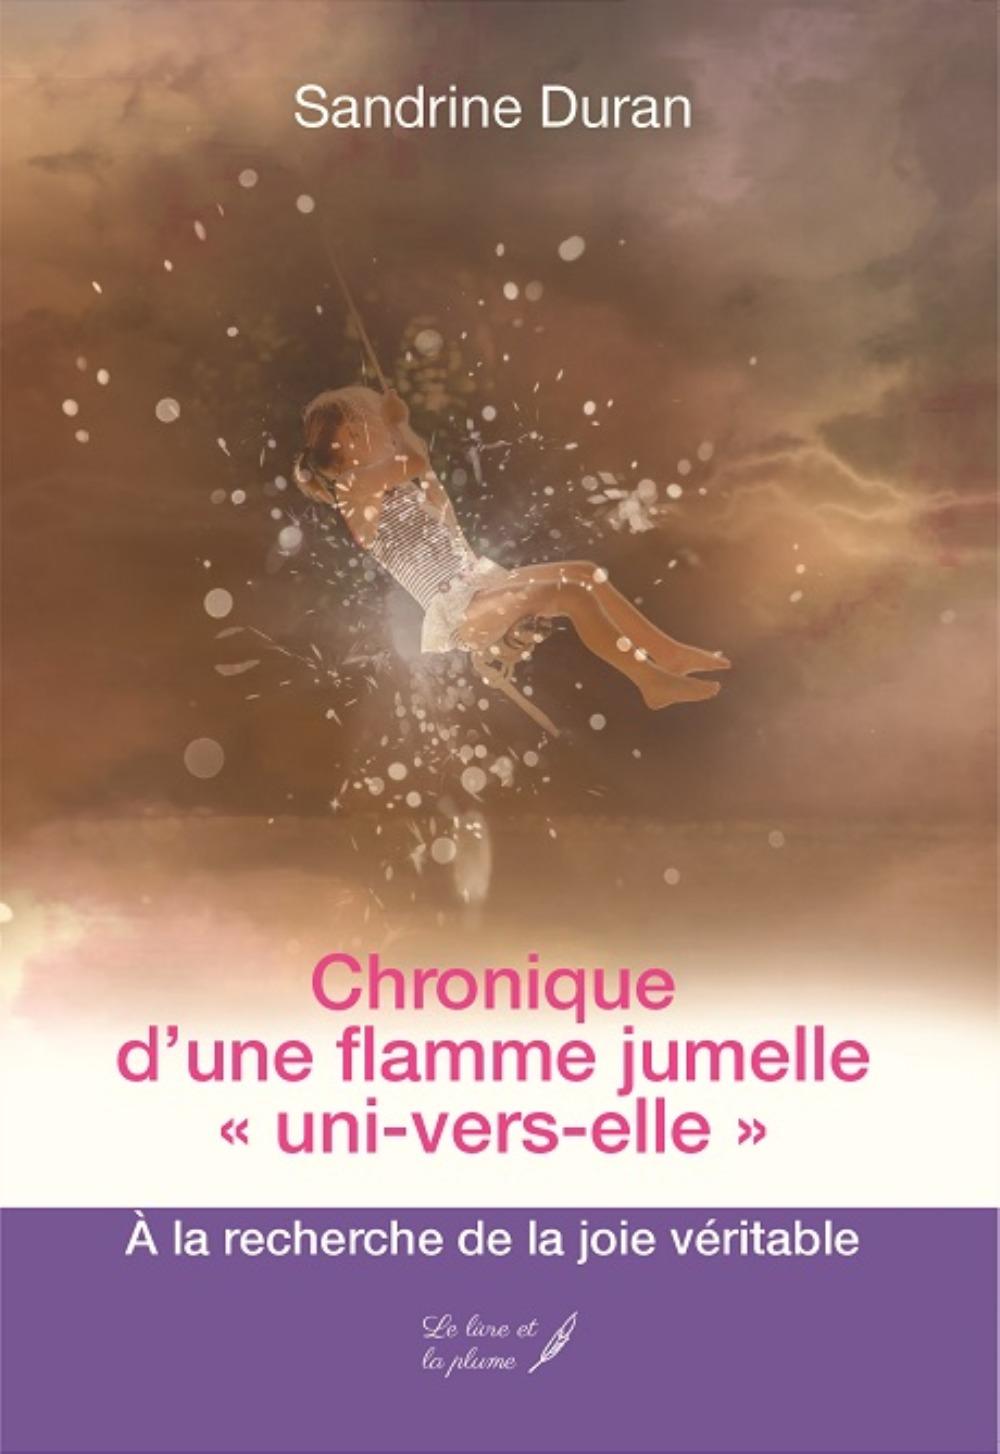 CHRONIQUE D UNE FLAMME JUMELLE UNI-VERS-ELLE